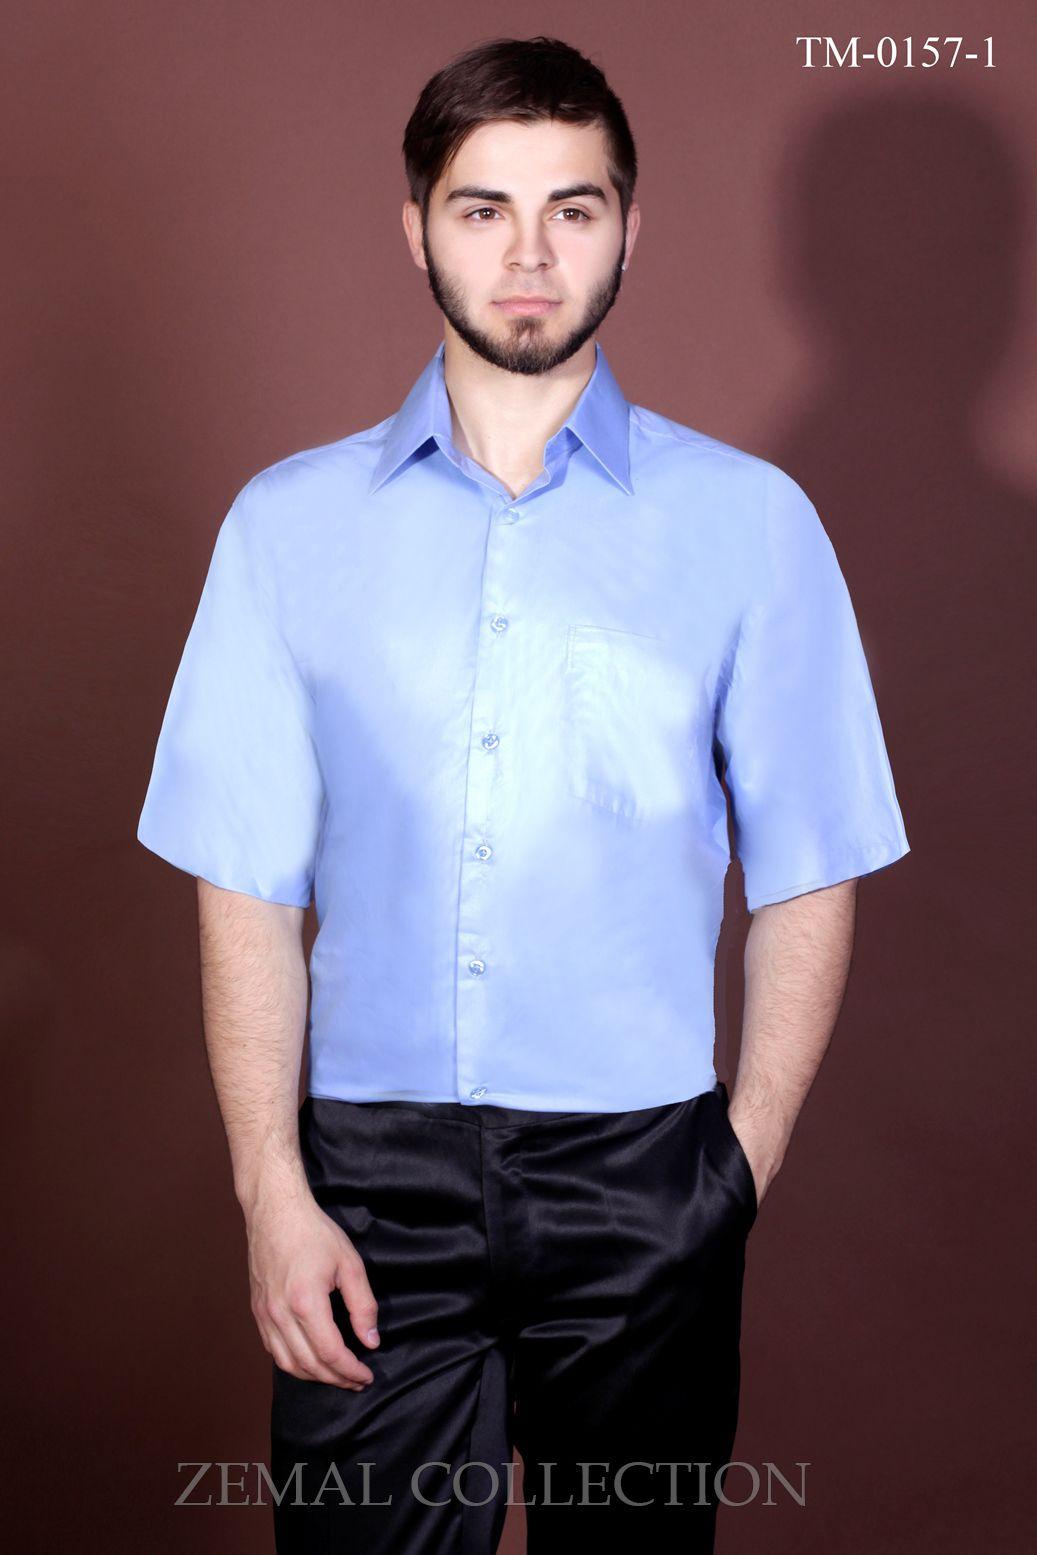 Сорочка tm-0157 купить на сайте производителя